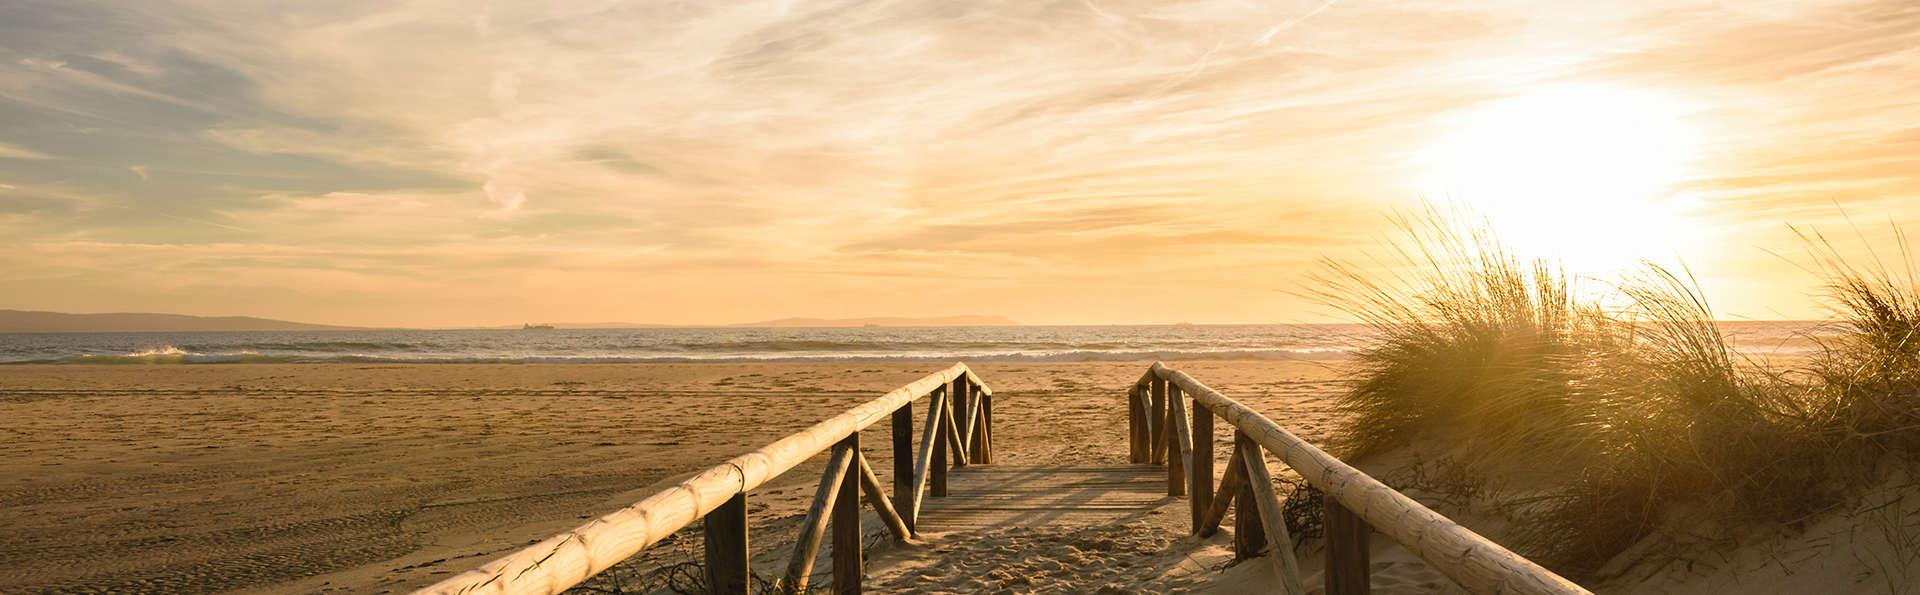 Escapada rómantica: Vive los atardeceres a orillas del mediterráneo con cena y zona relax incluida